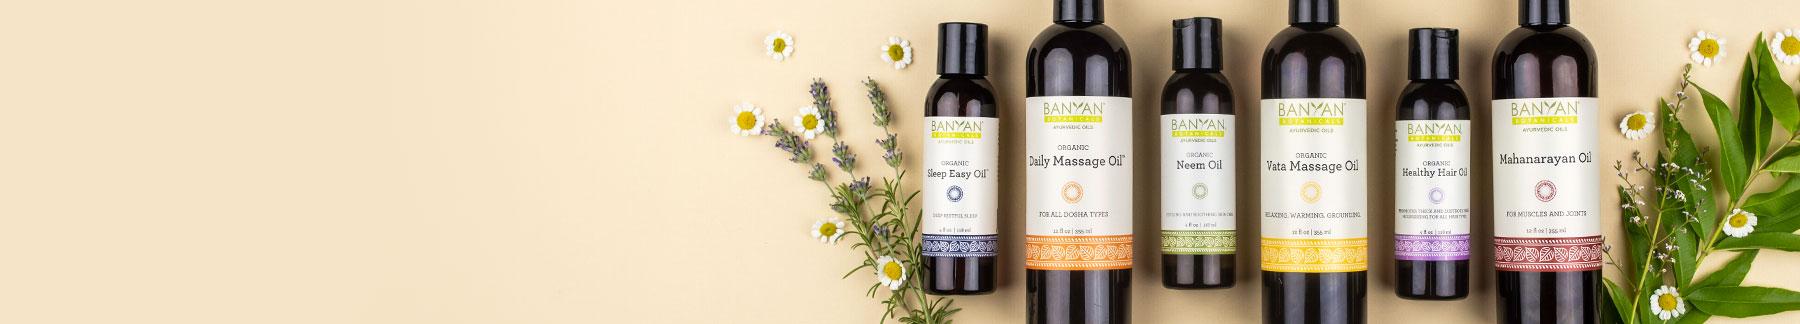 Herbal Oils Sale